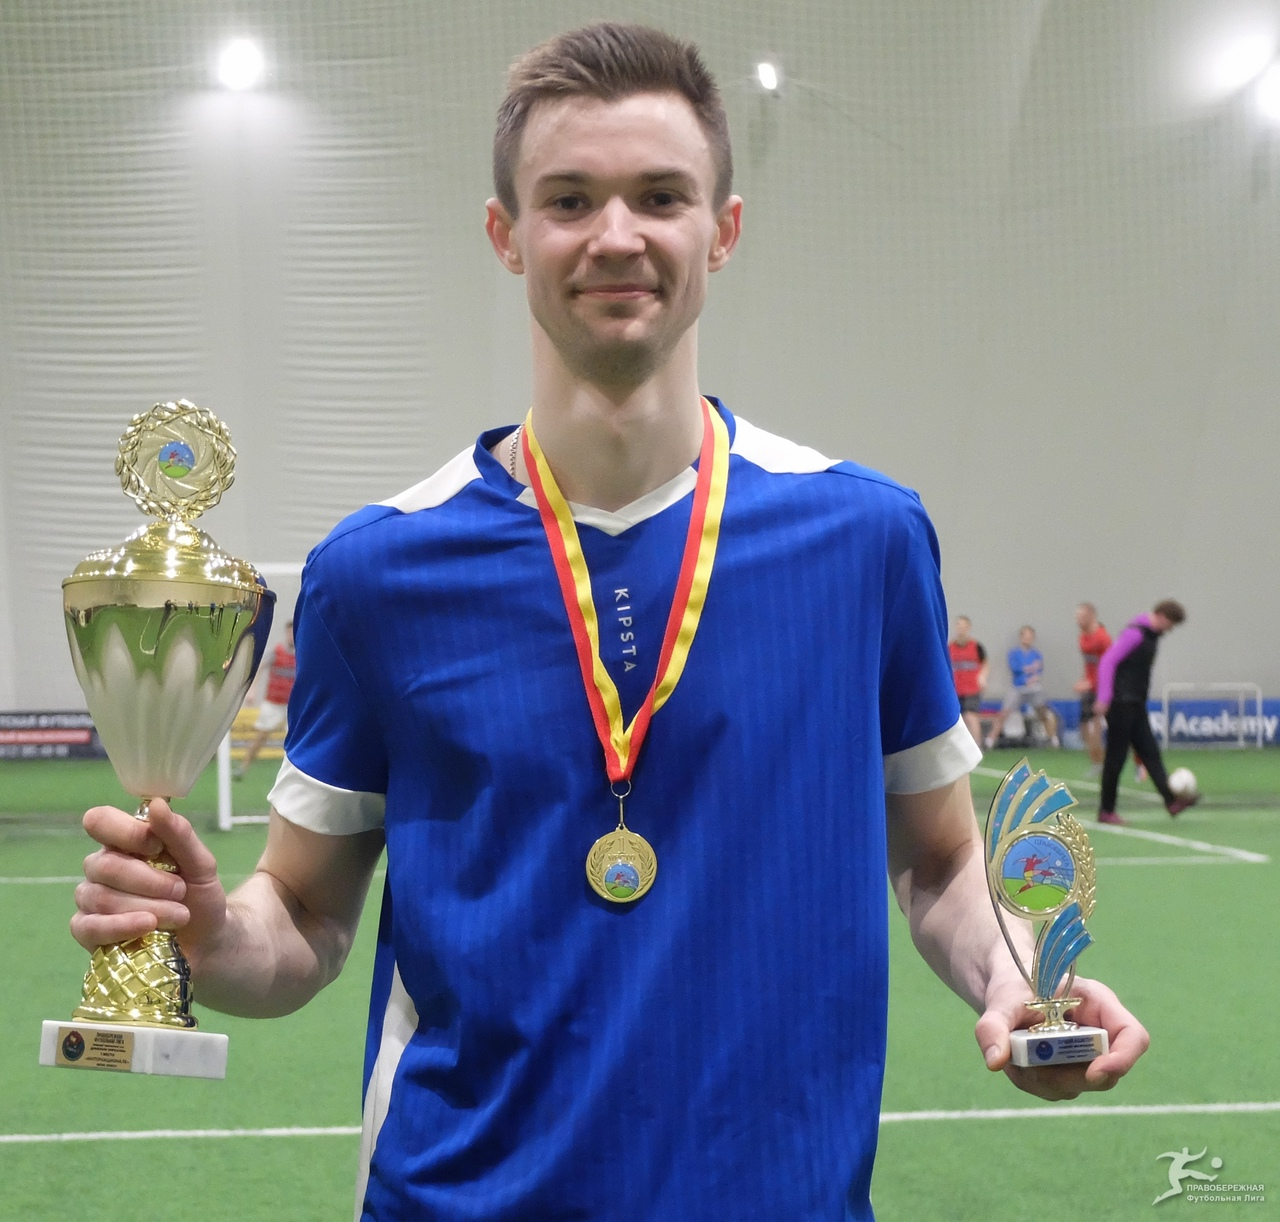 Андрей Мифодьев («Интернационале») — лучший ассистент дивизион Хирхасова.